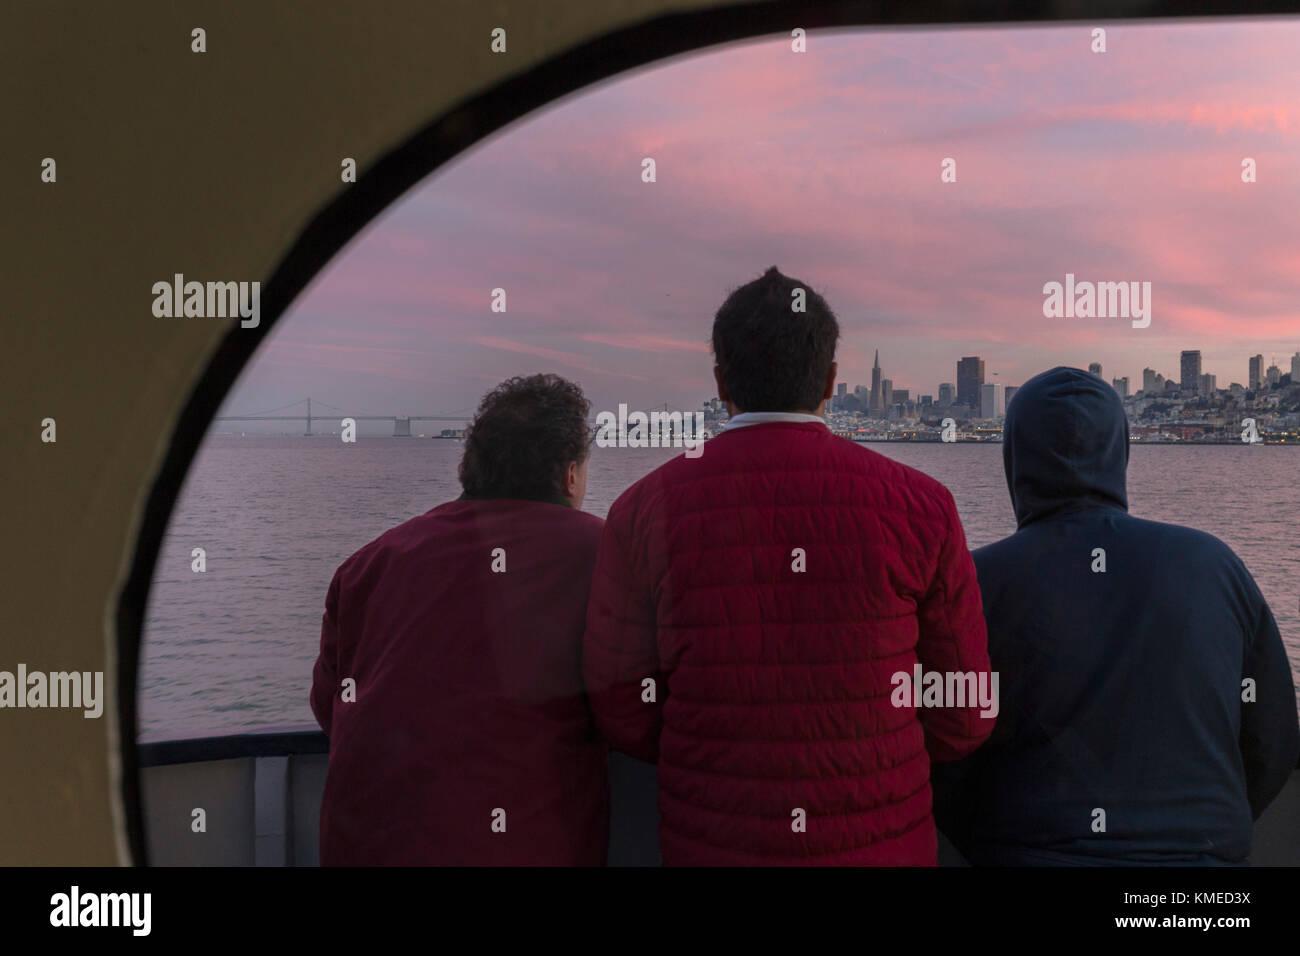 Vista trasera de tres pasajeros en ferry desde Sausalito a san francisco contemplando las vistas de la ciudad,California,Estados Imagen De Stock